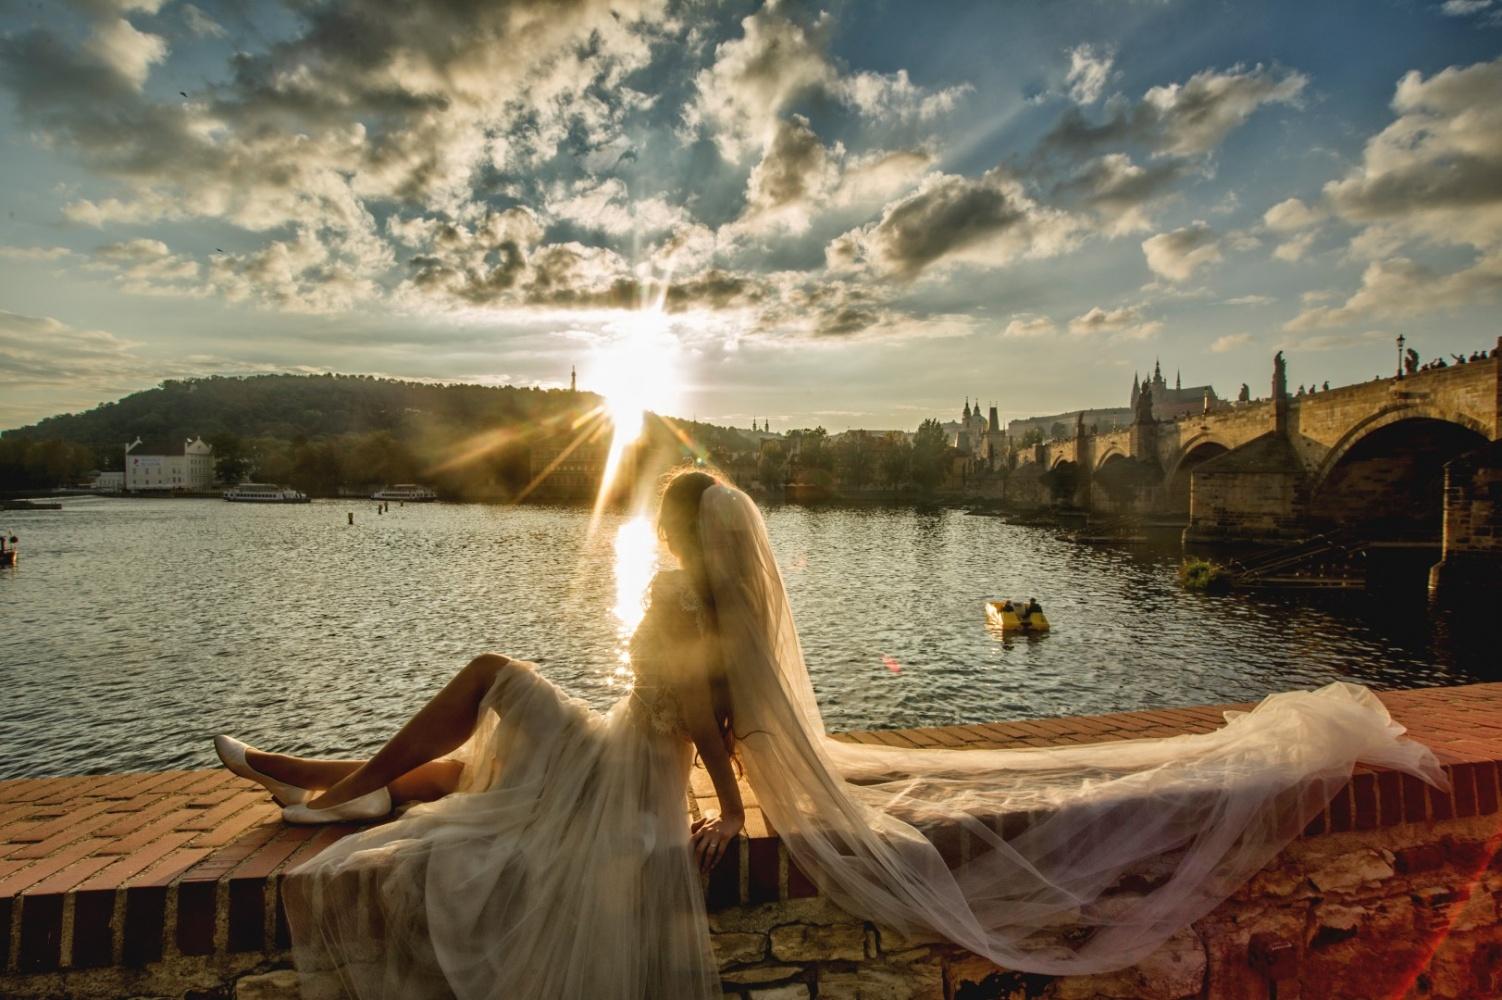 http://www.fotoz.sk/images/gallery-21/normal/eskuvoi-fotos_svadobny-fotograf_262.jpg